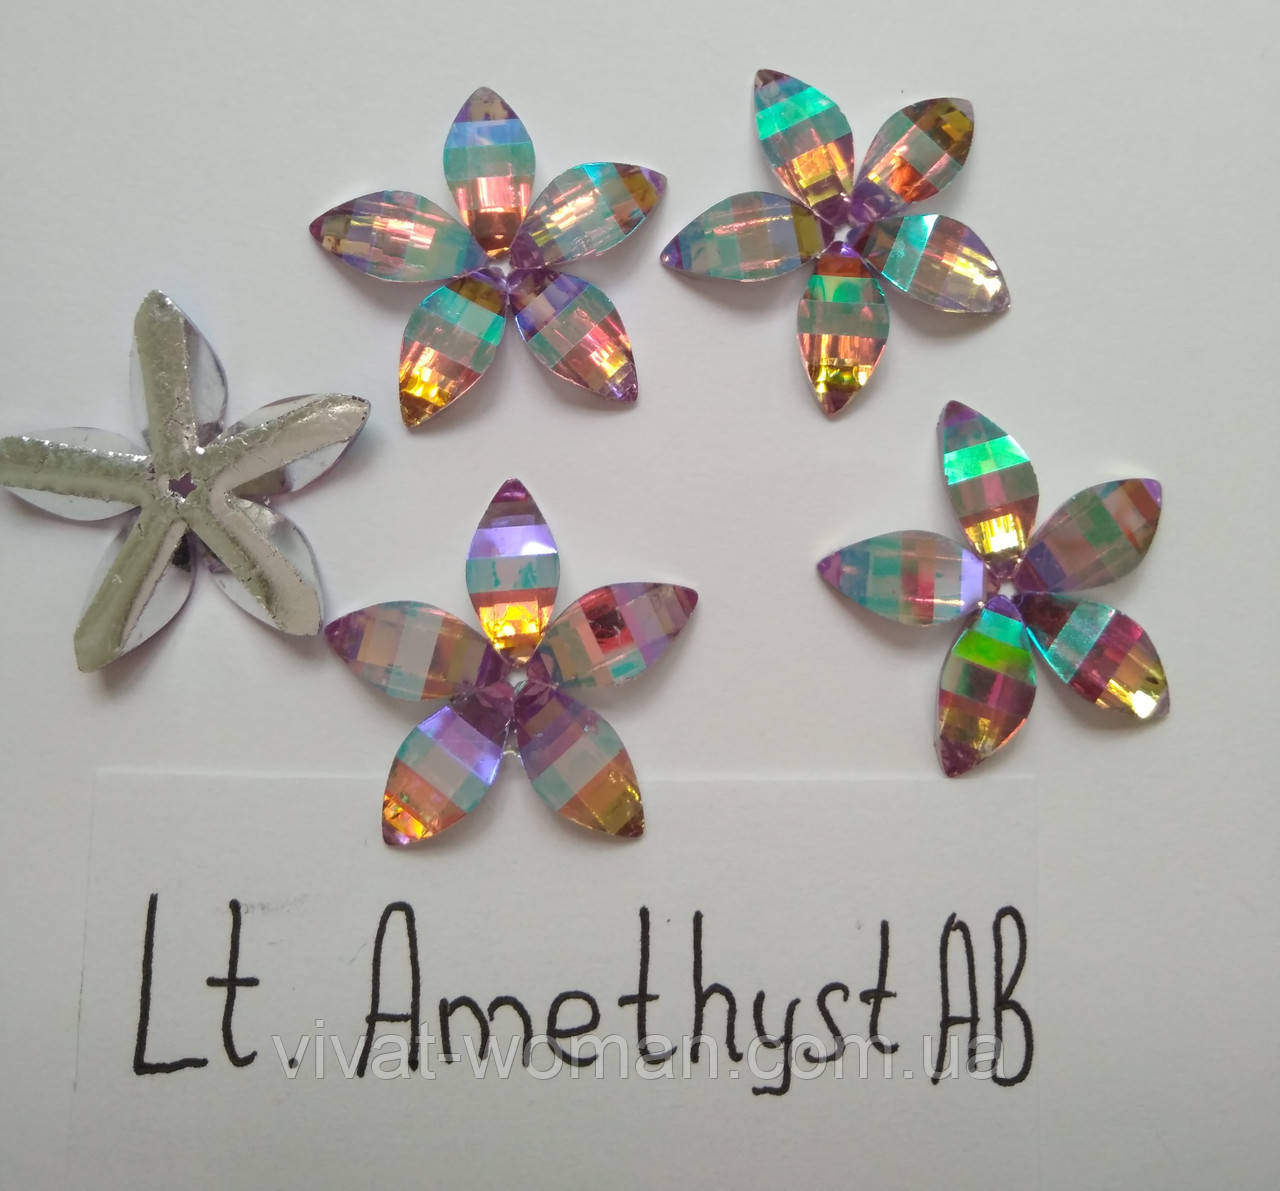 Стразы пришивные Цветок 18 мм Lt. Amethyst AB, смола (синтетическое стекло)